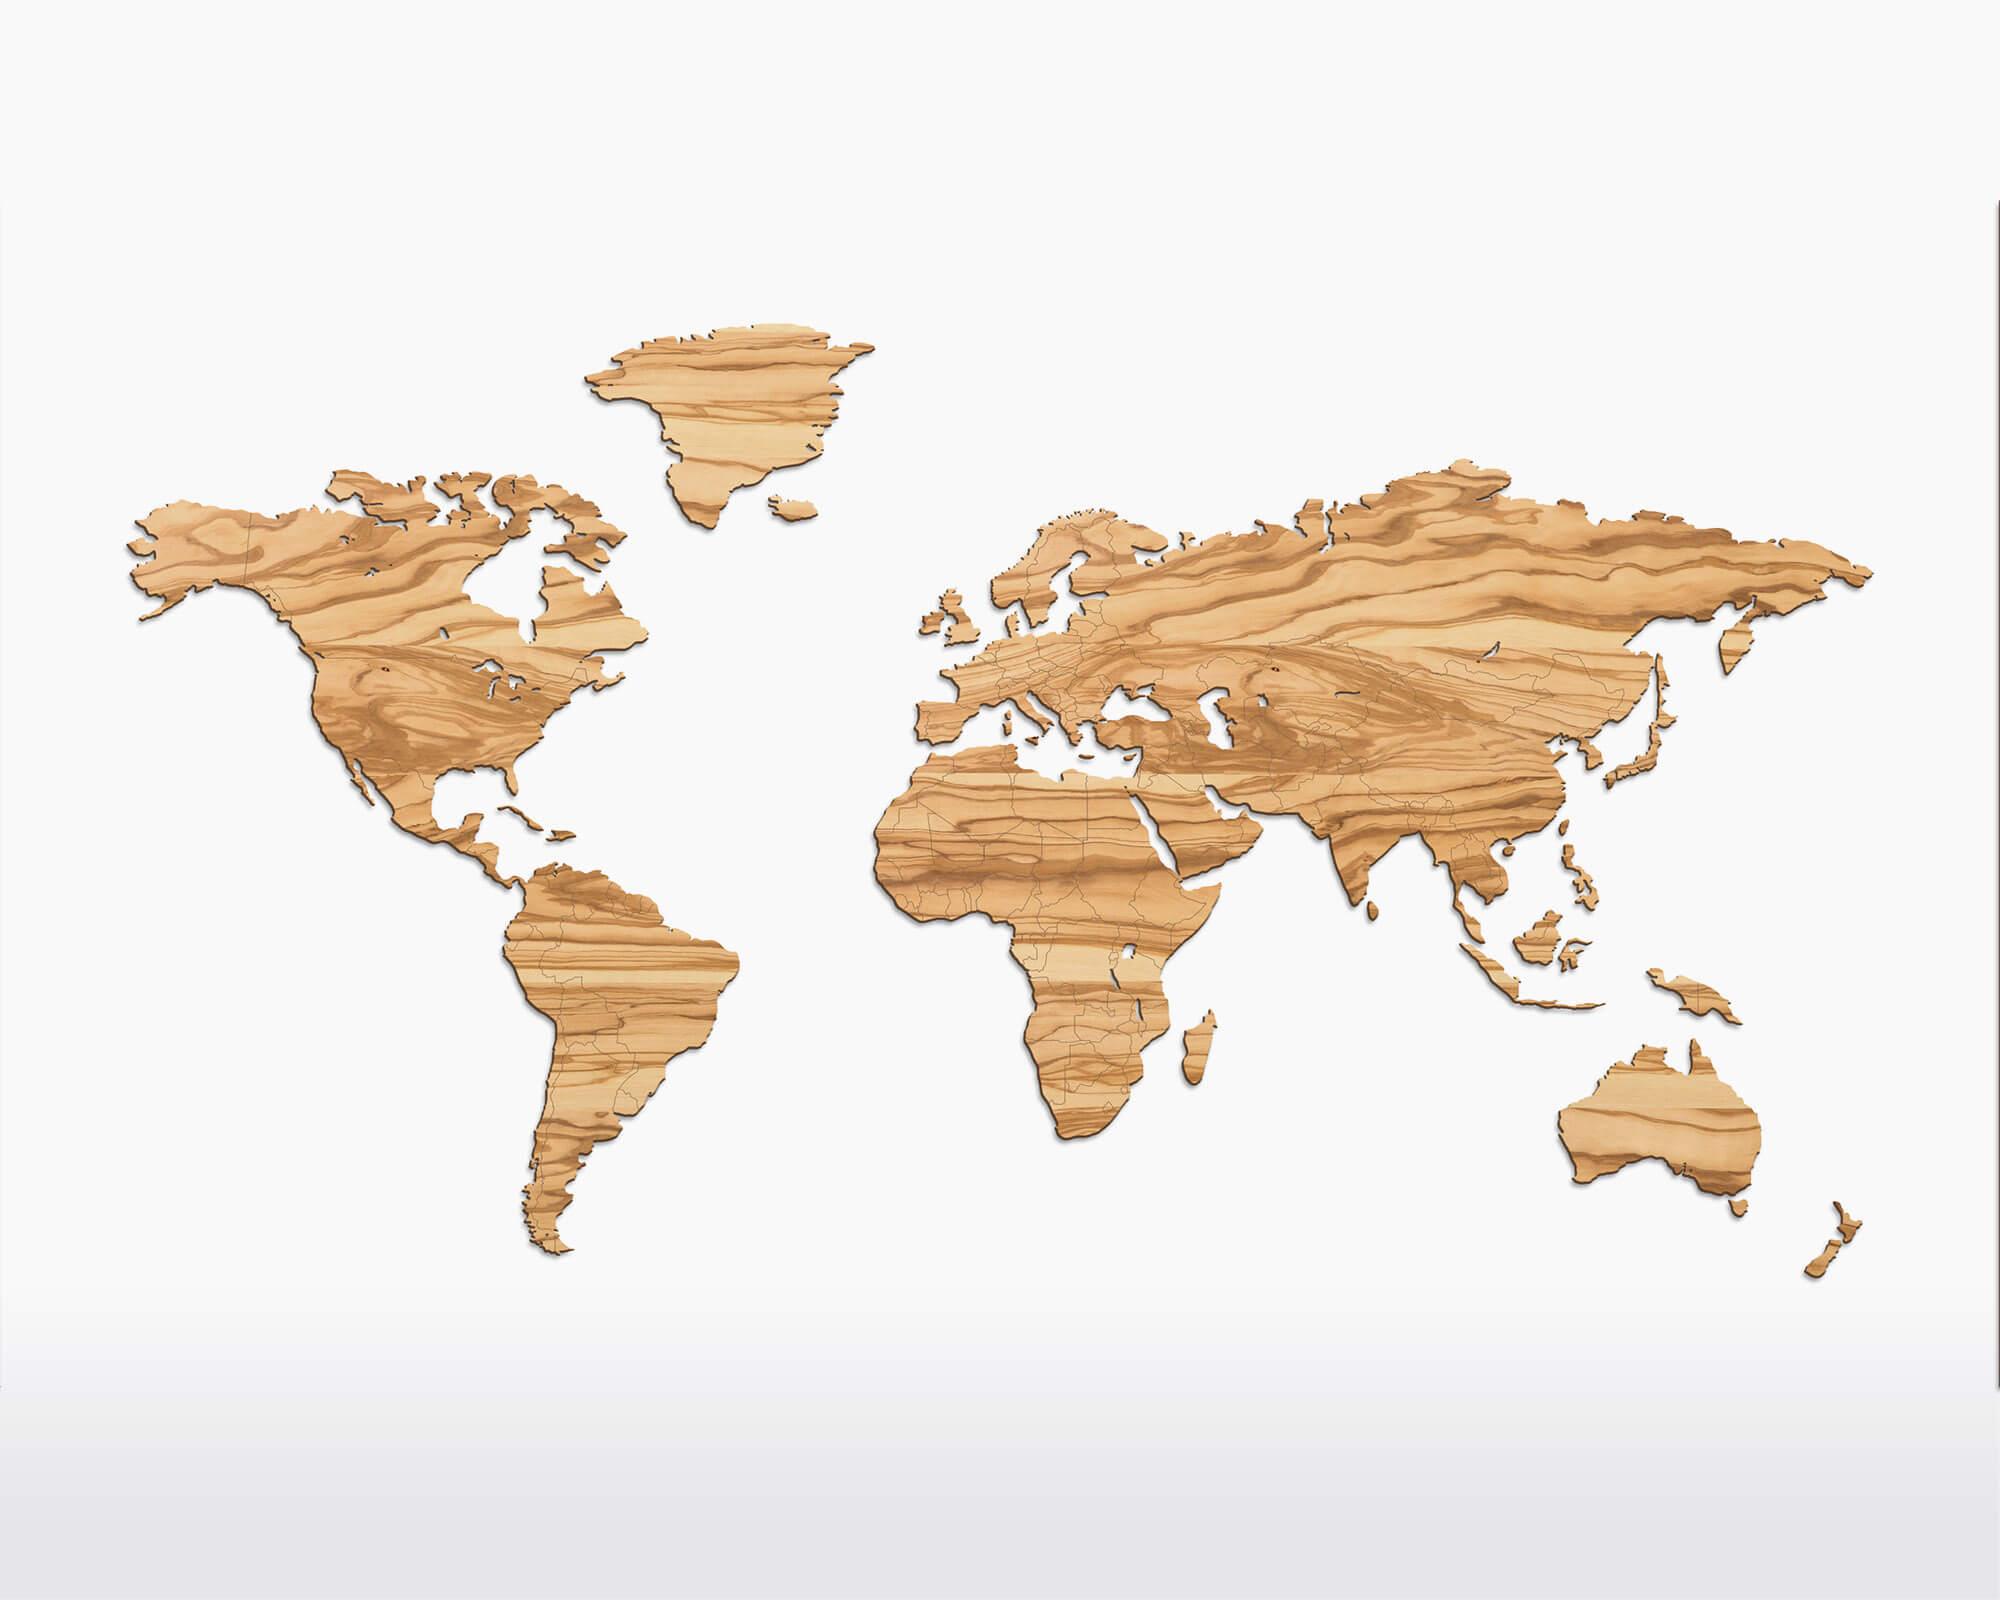 Wereldkaart Olijfhout Duurzaam Wooden Amsterdam bij Studio Perspective